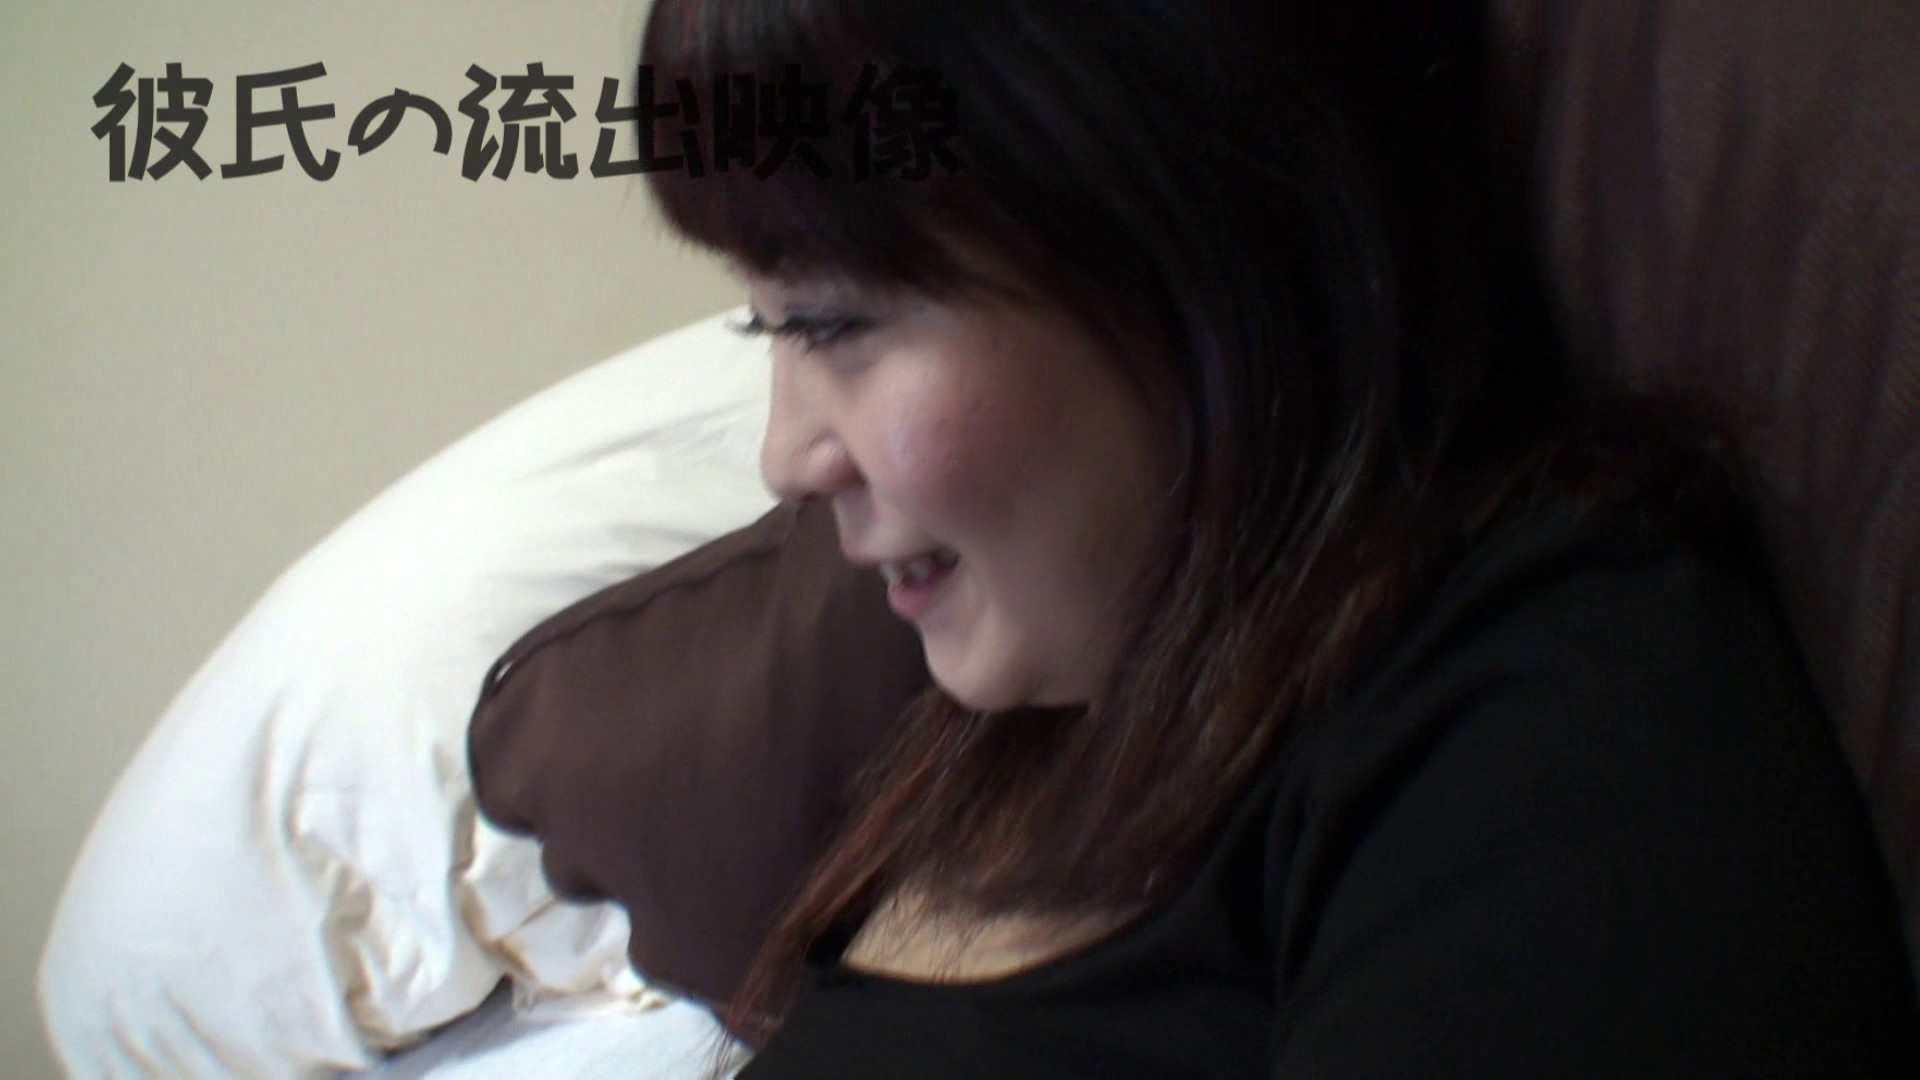 彼氏が流出 パイパン素人嬢のハメ撮り映像04 一般投稿  82連発 6